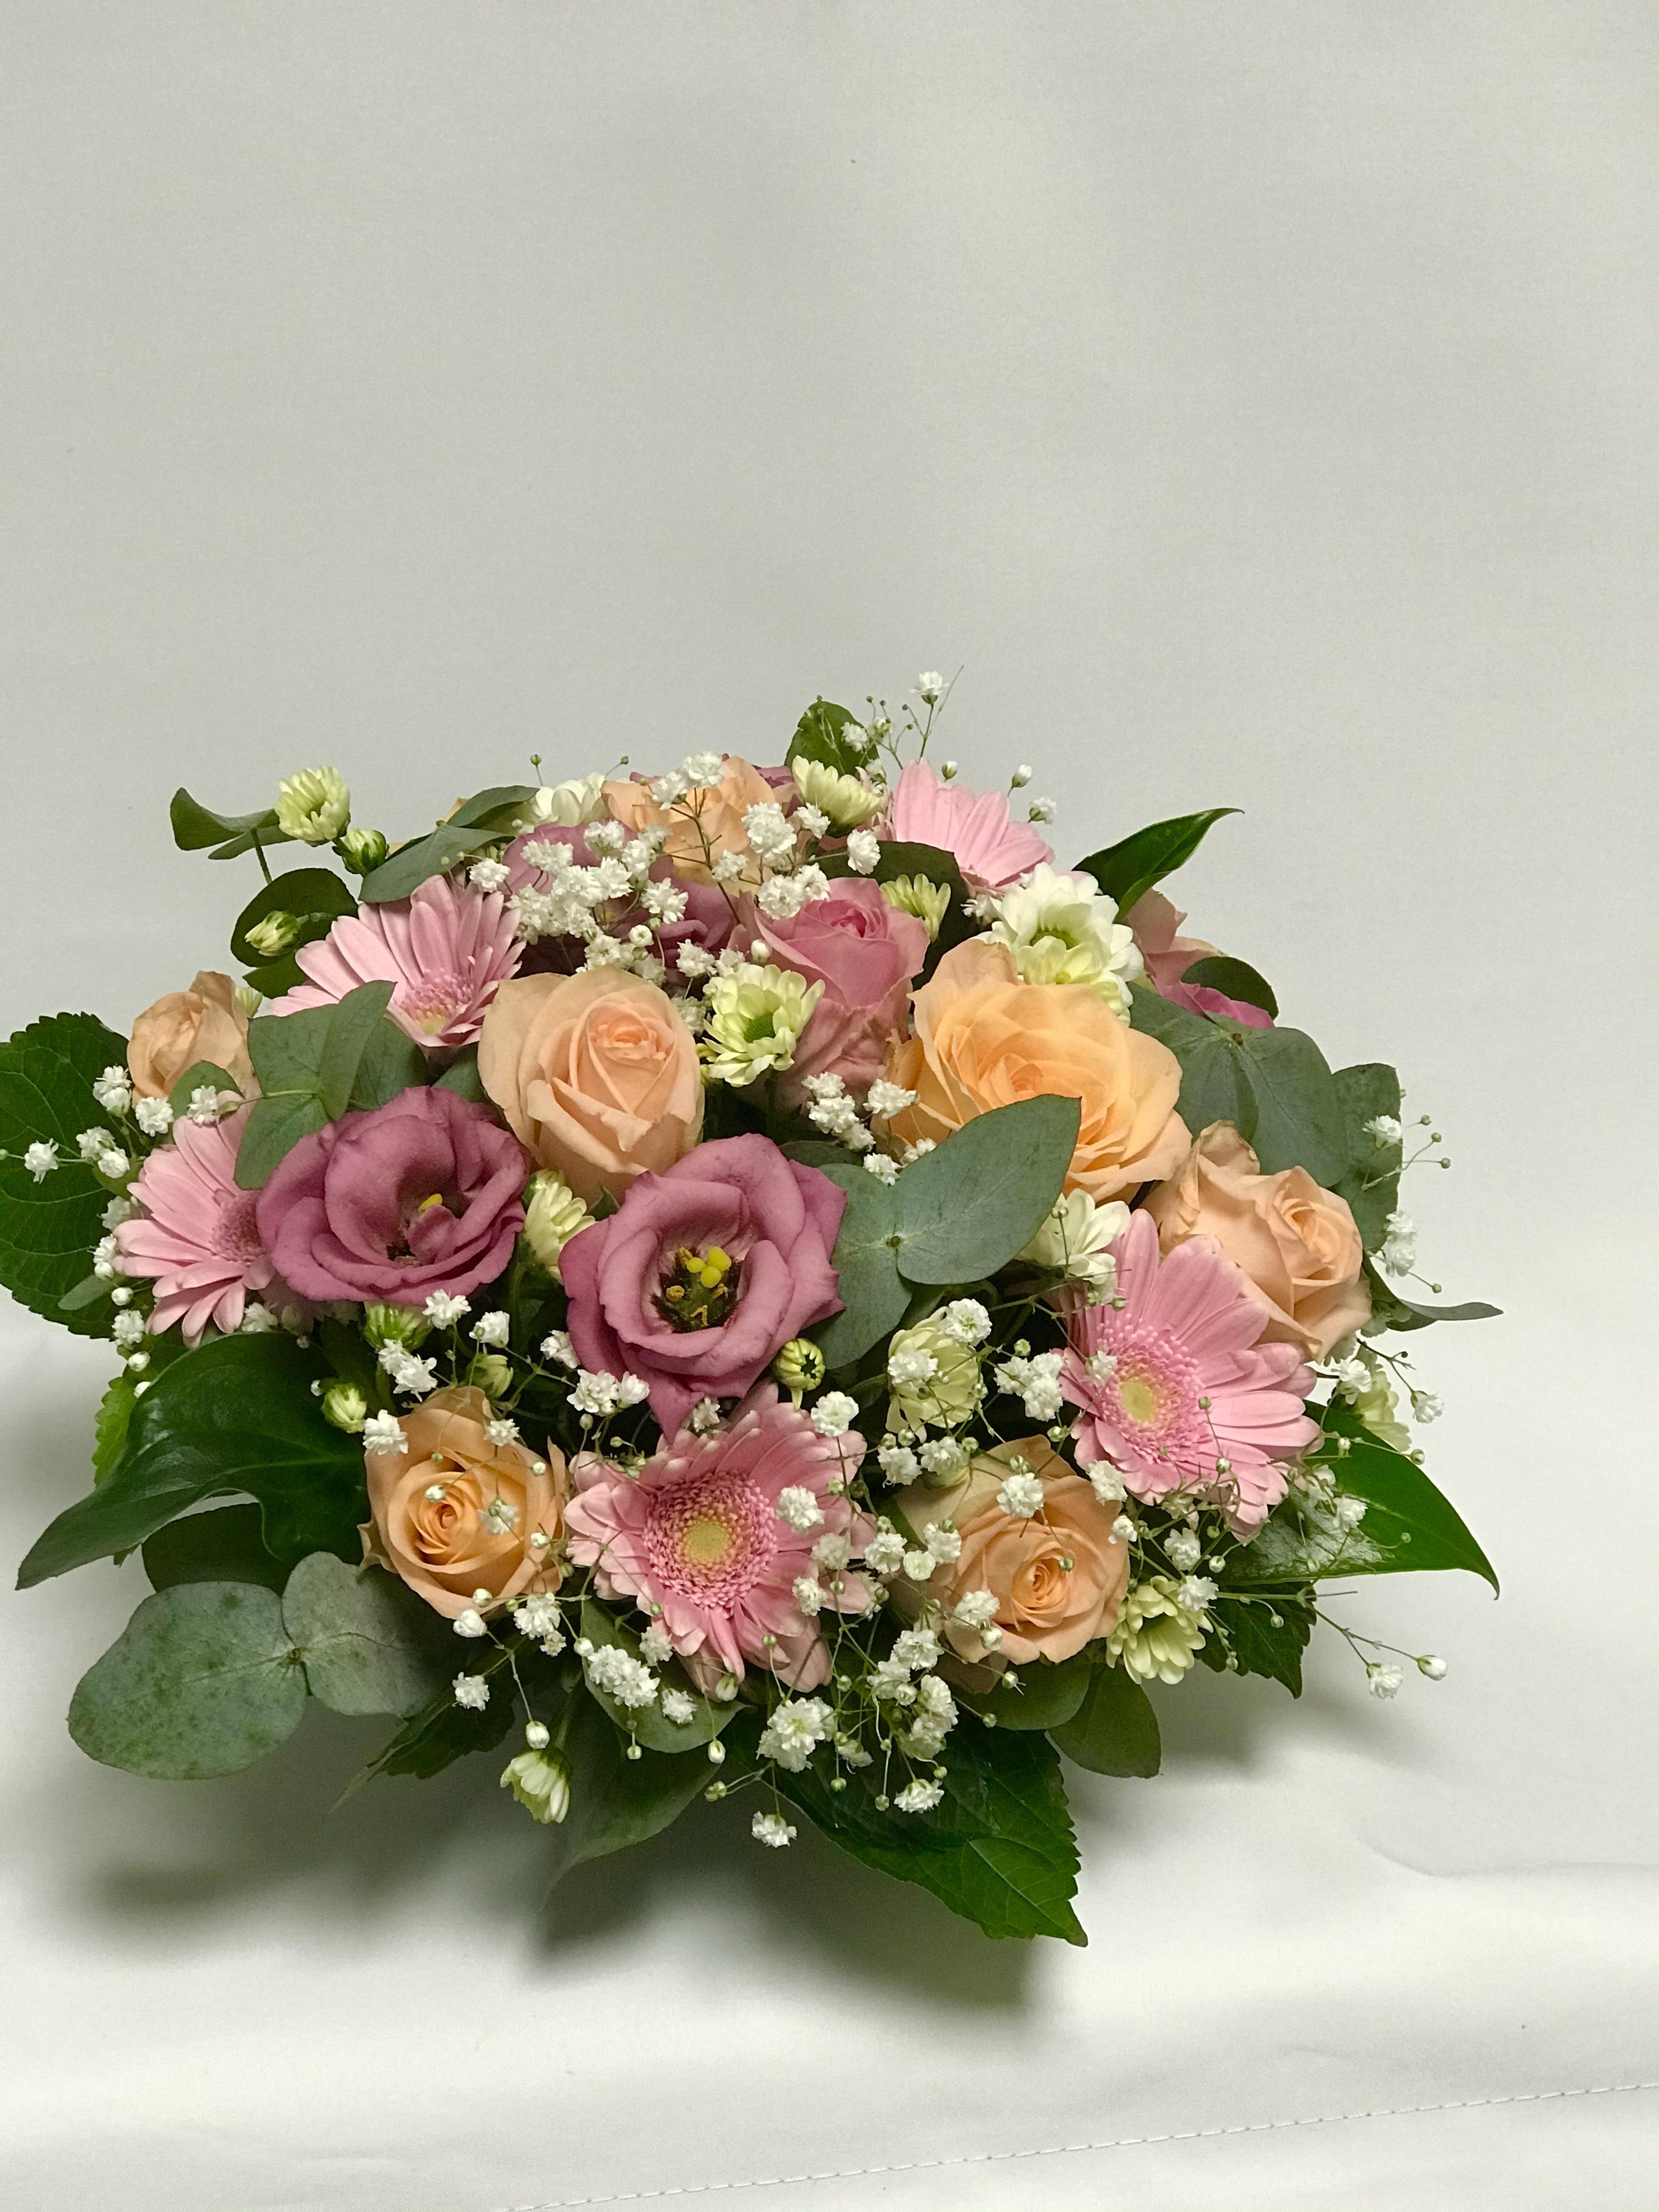 Dekorasjon i rosa, hvit og fersken toner